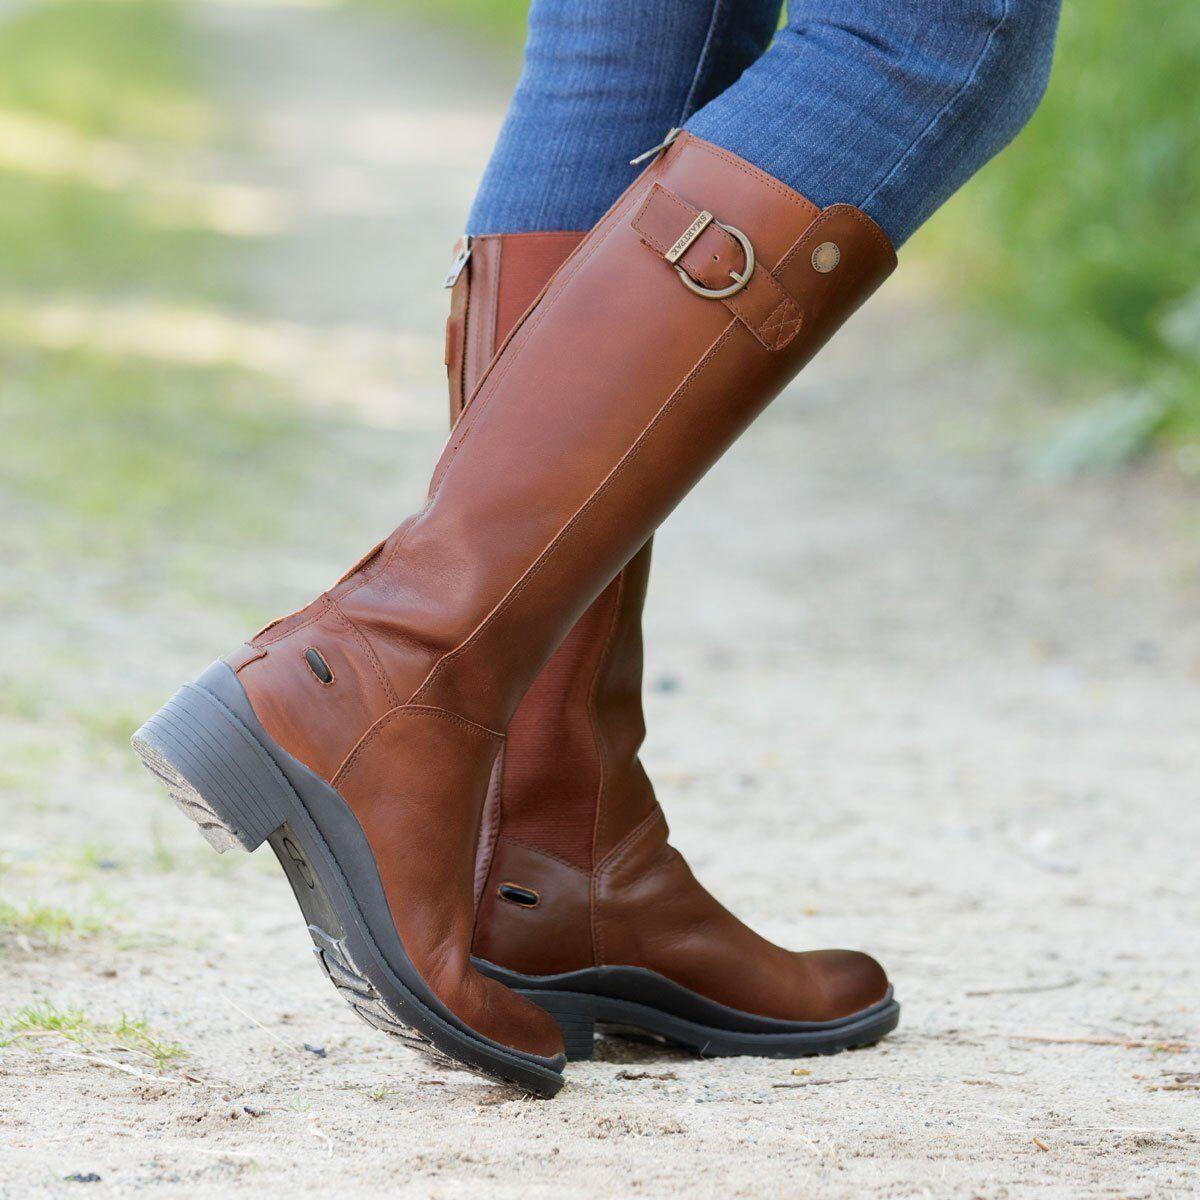 Nuevas  botas Hebilla De Cuero Alto smartpak 7 Negro  precios bajos